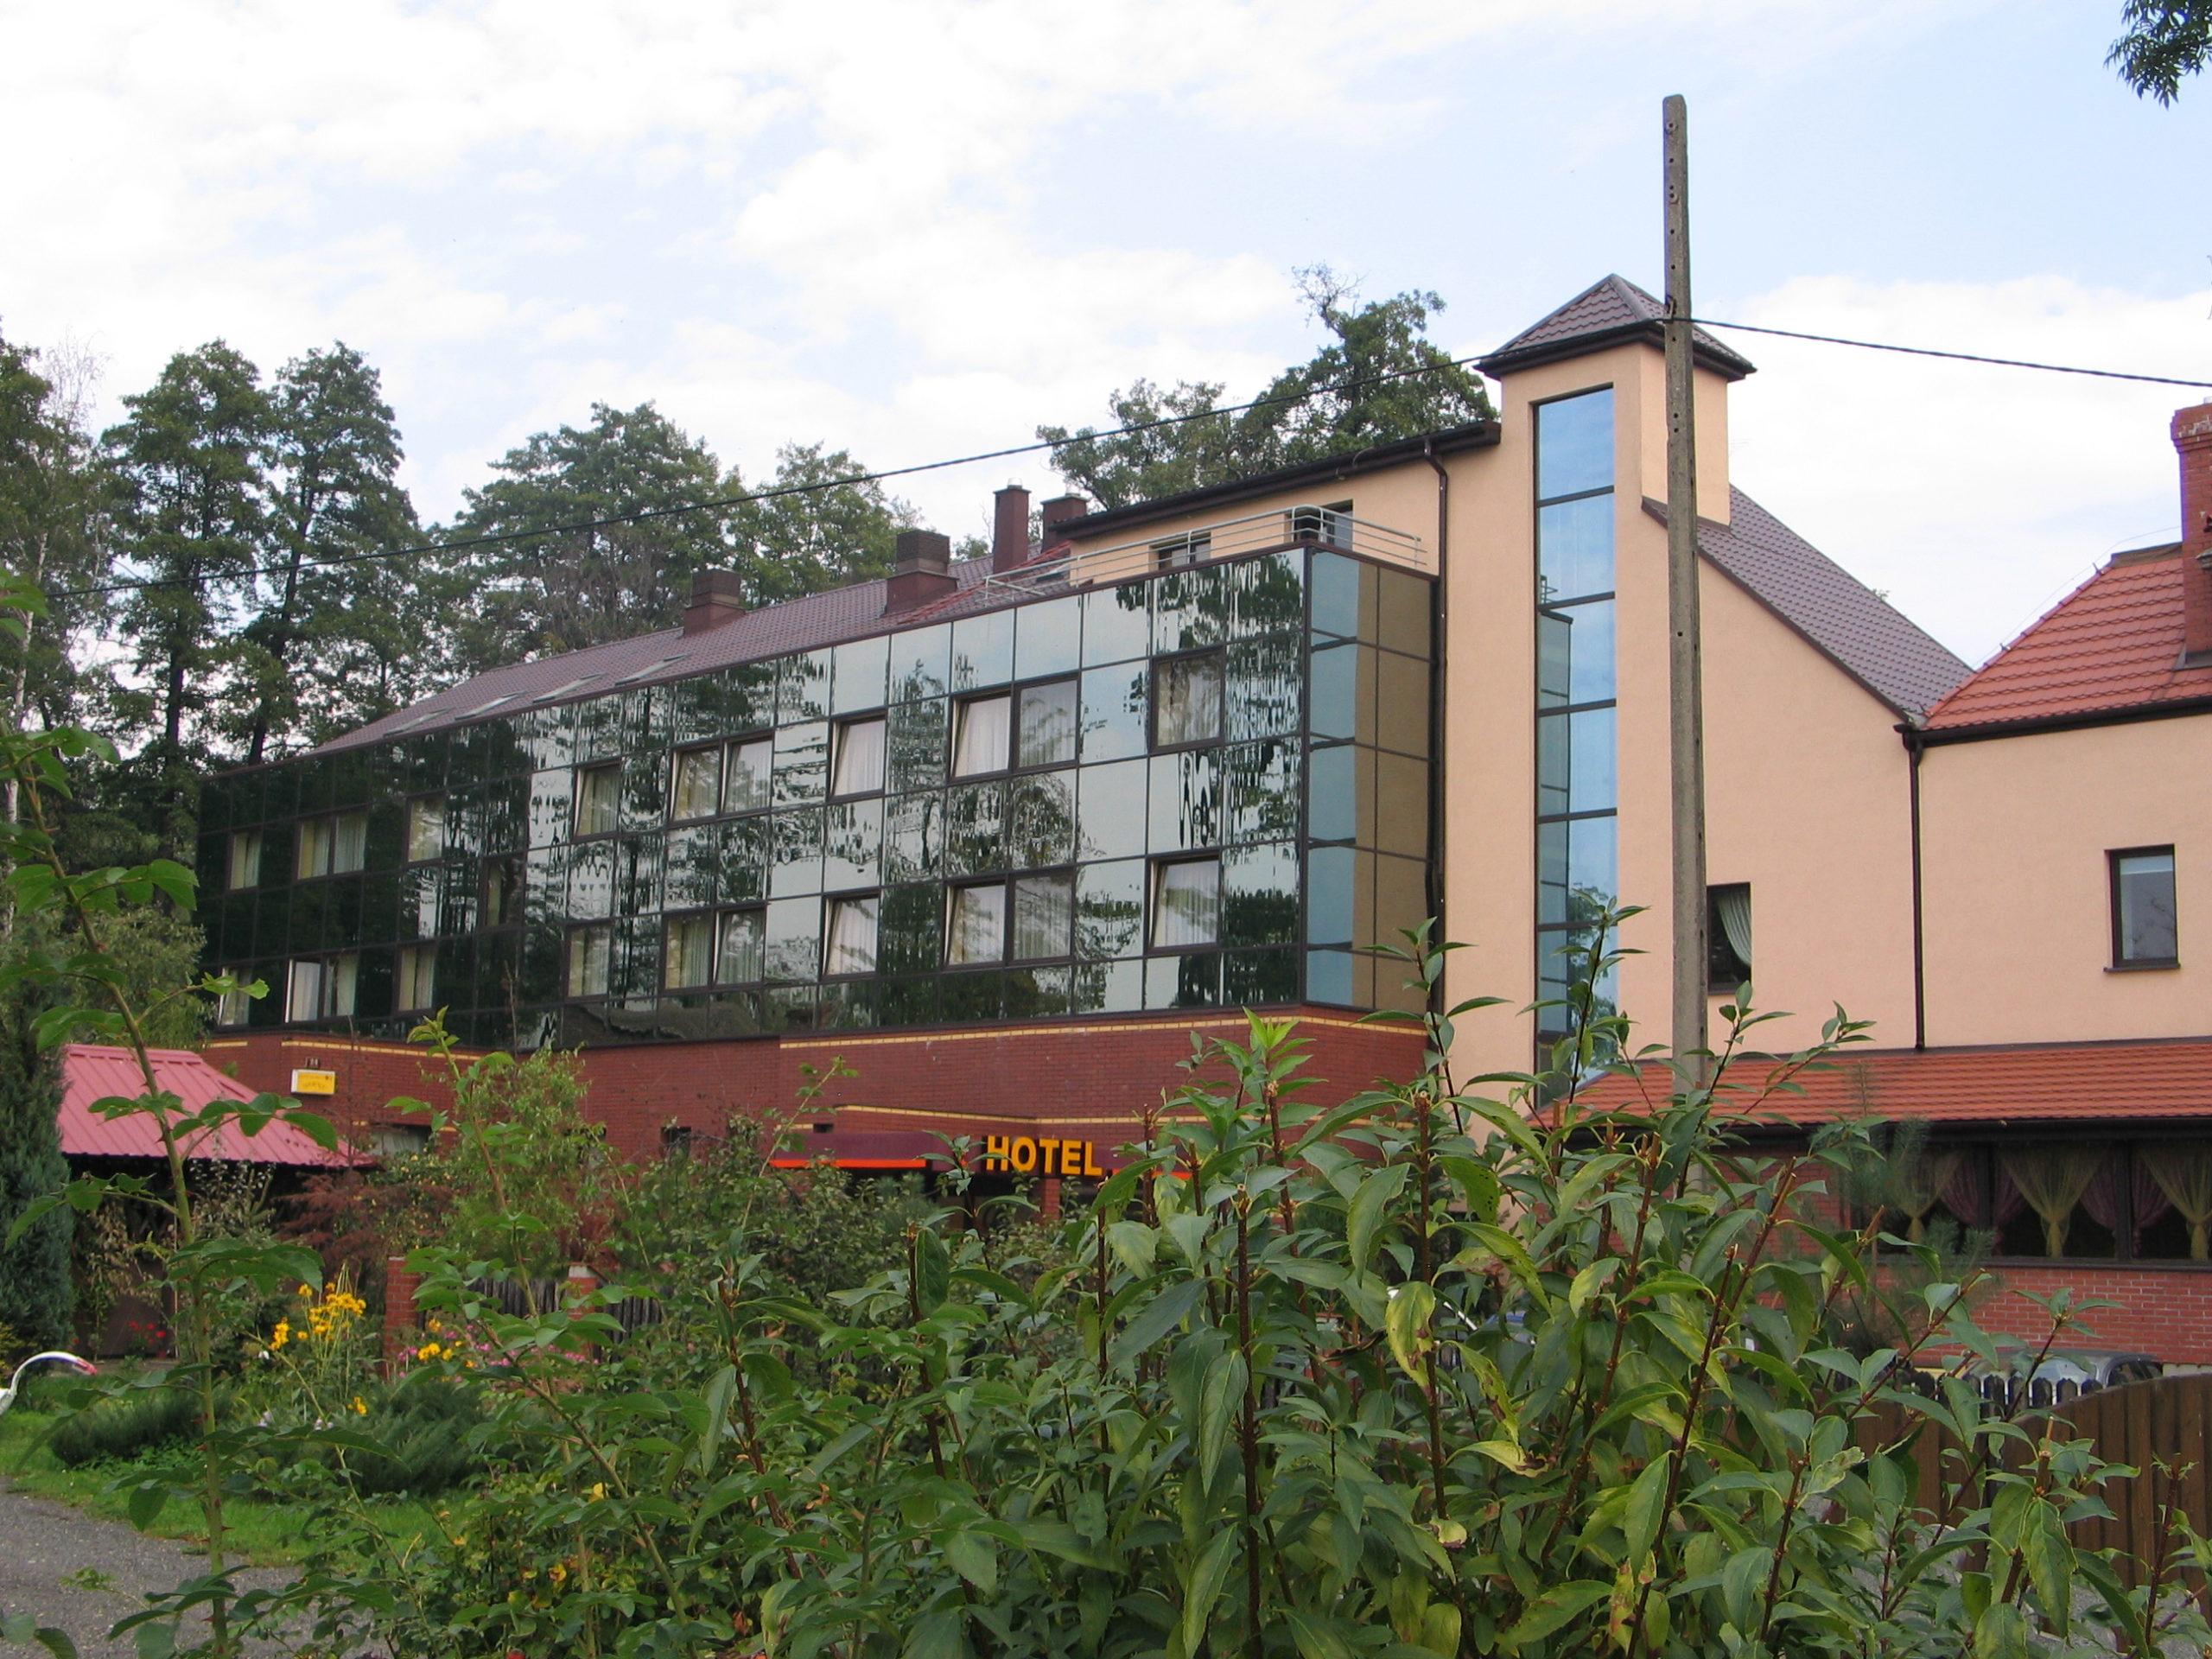 Hotel Stara Poczta Tychy